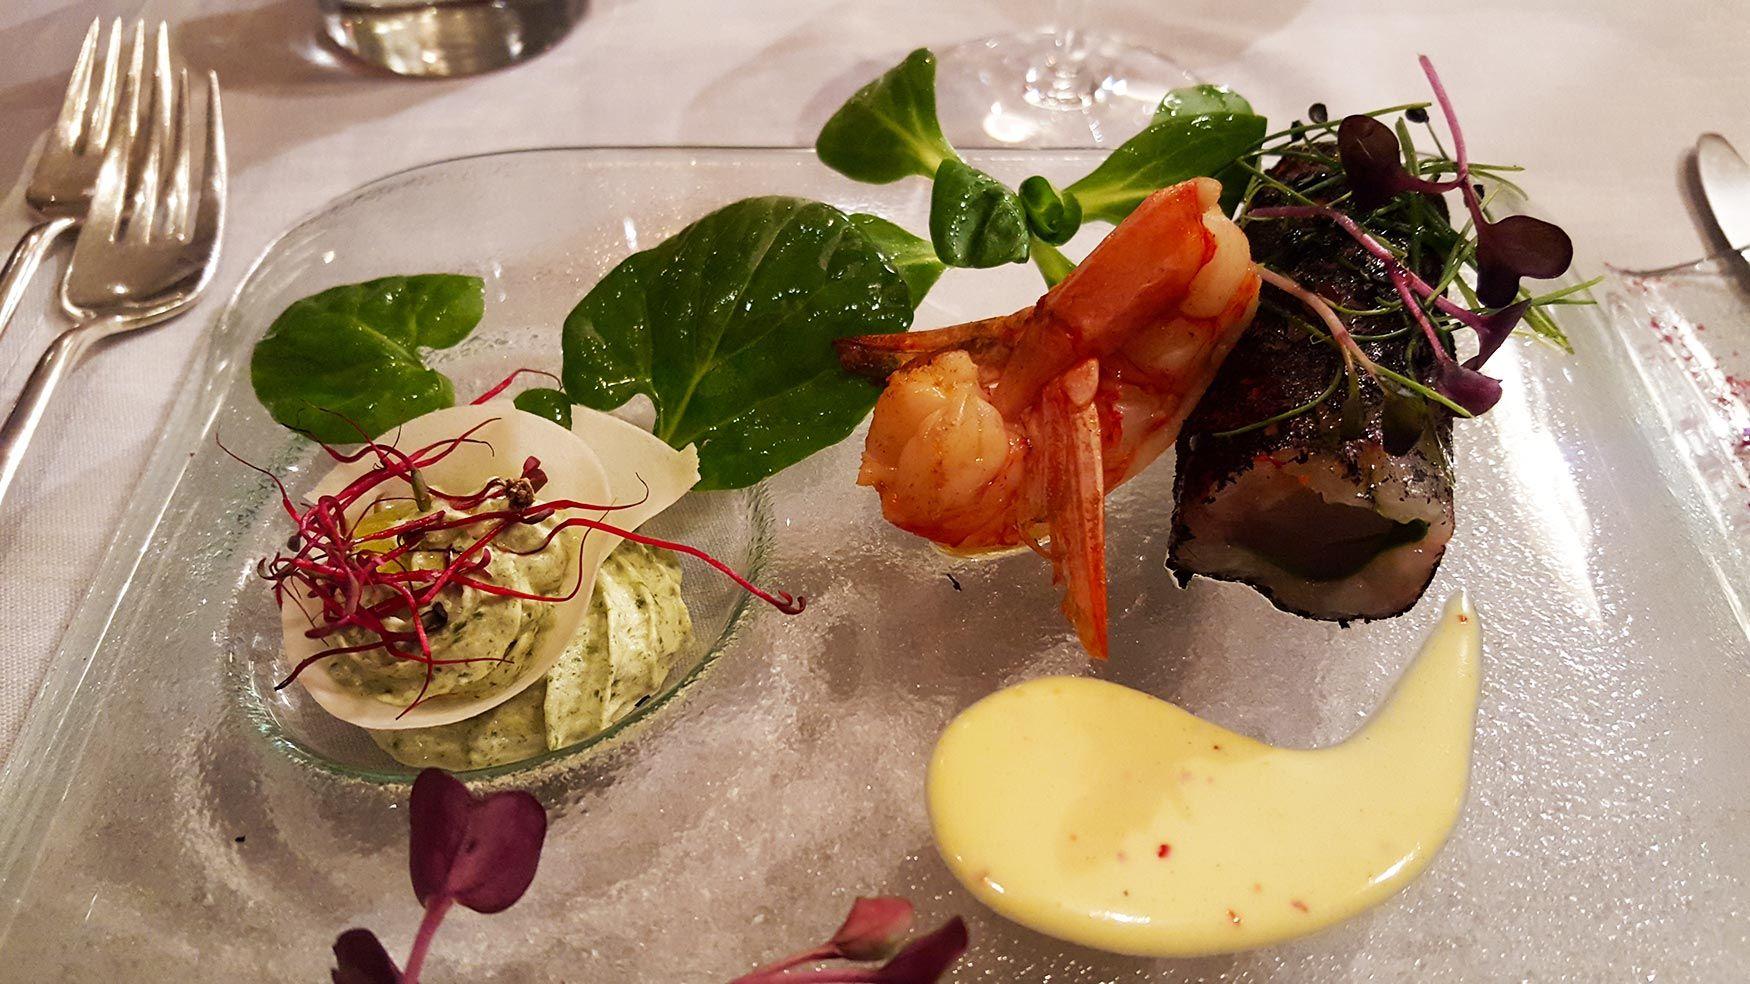 Restaurant Arté al Lago - Röllchen von rohen Krevetten und Thunfisch mit pikantem Senfdip und Brunnenkresse